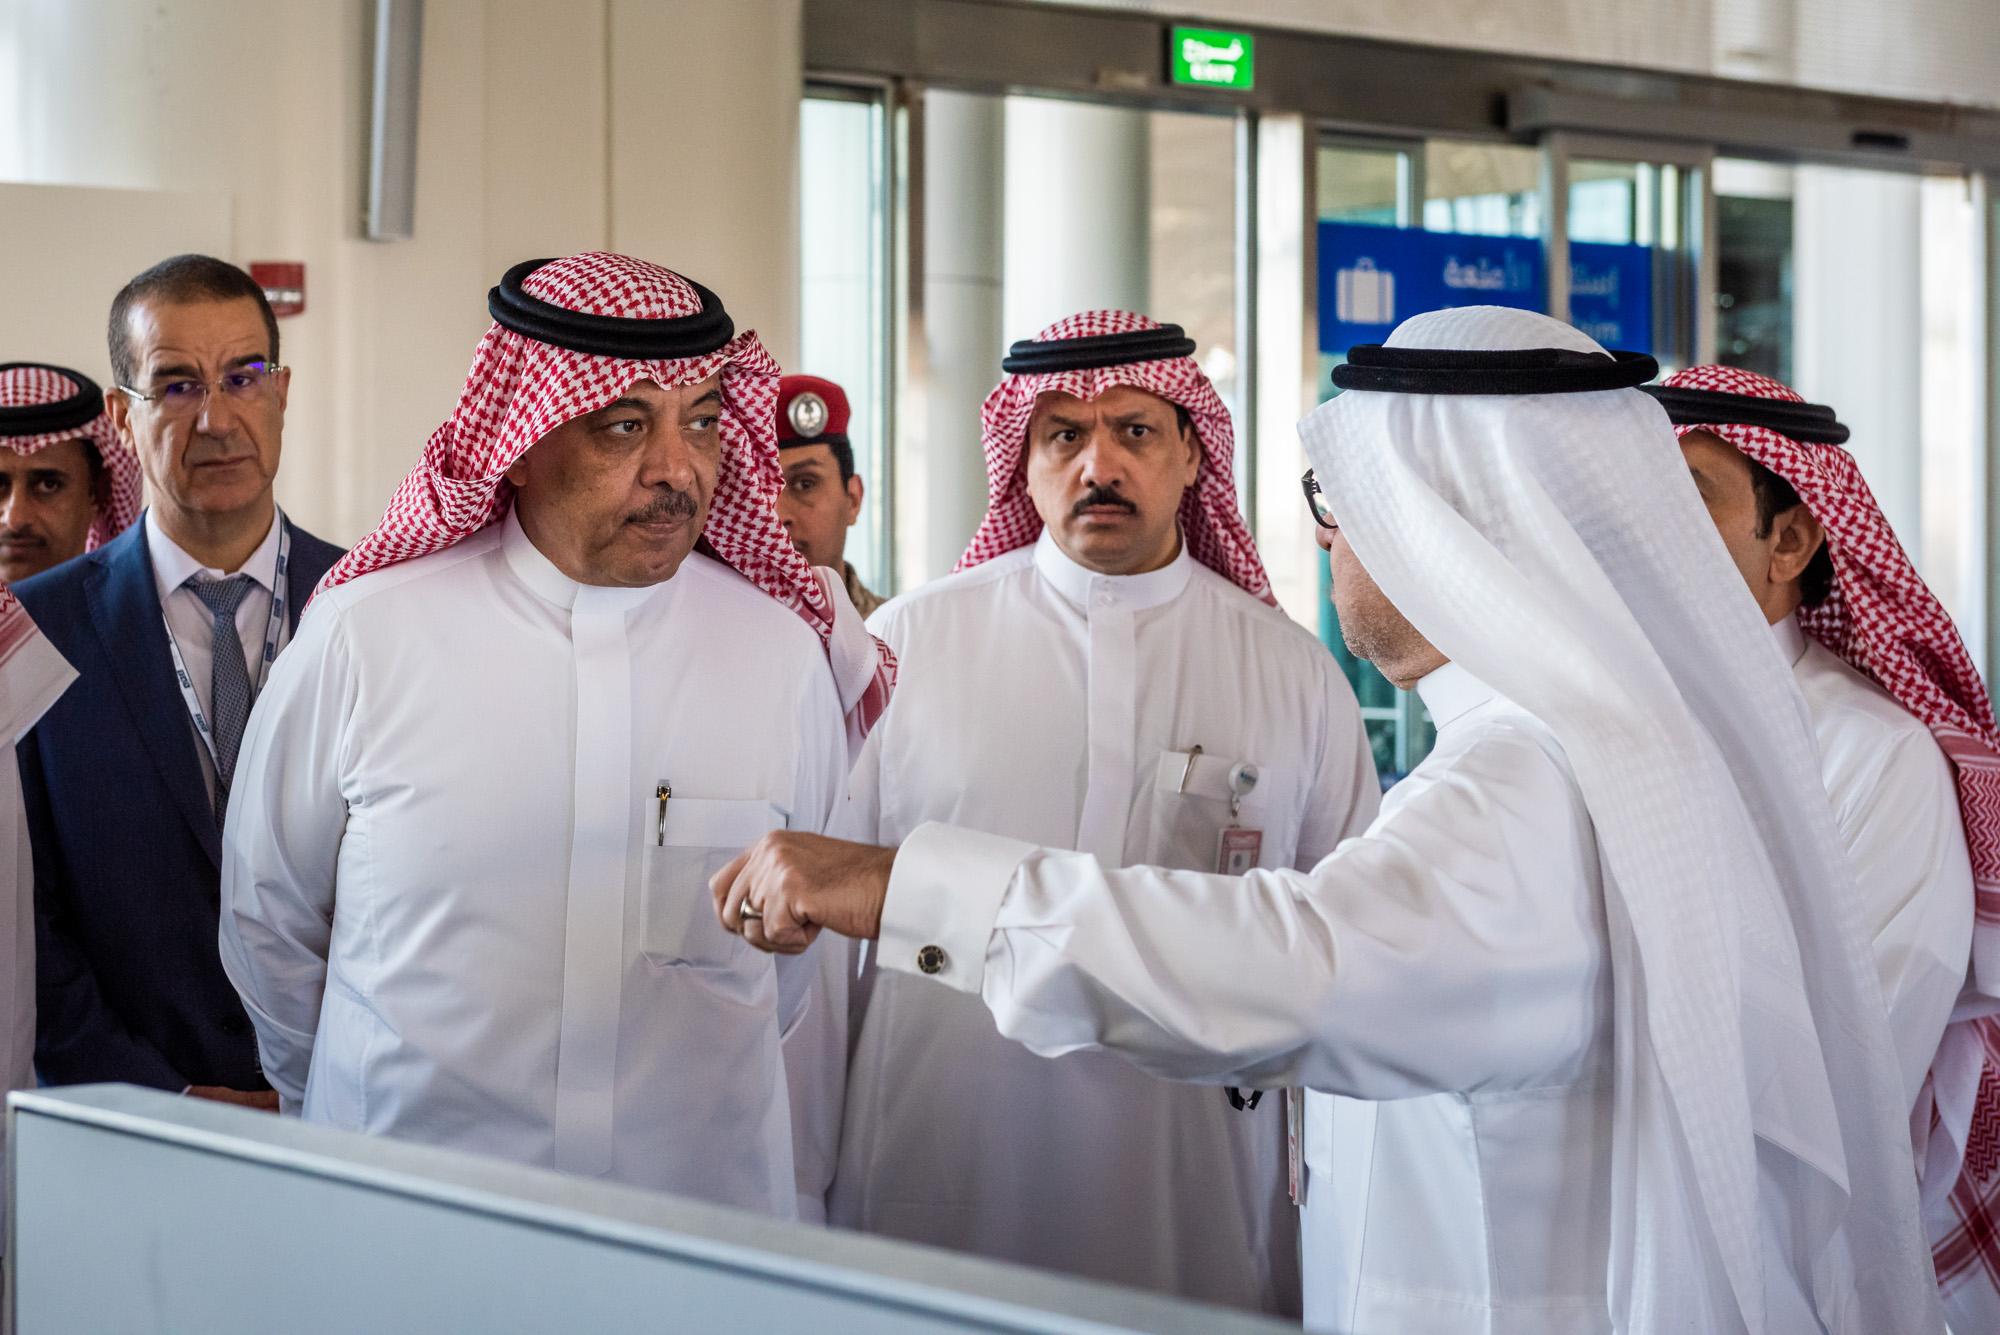 رئيس هيئة الطيران المدني يتفقد مطار الأمير محمد بن عبدالعزيز الدولي